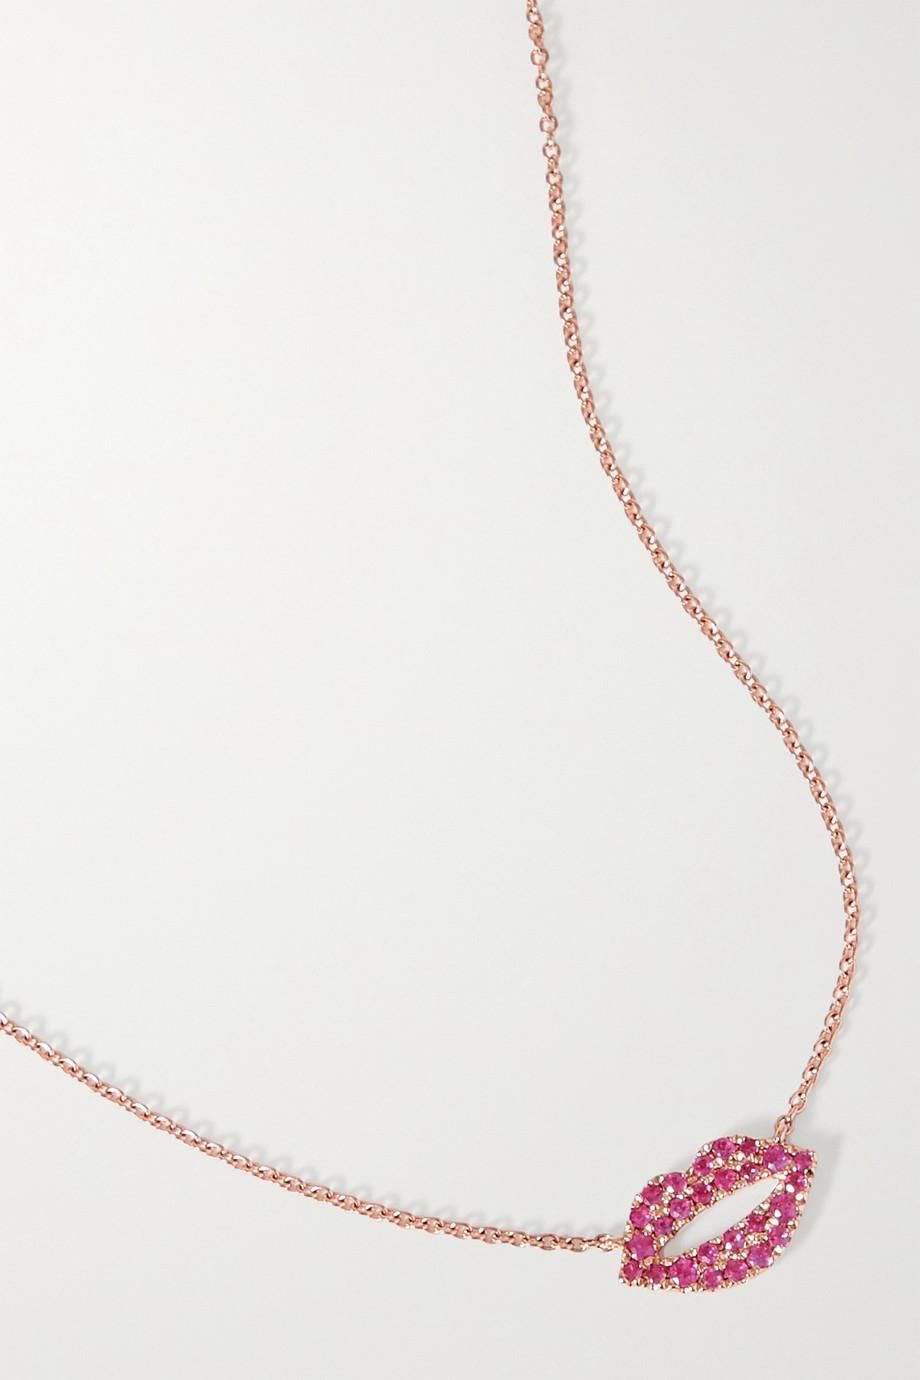 Roxanne First Scarlett Kiss 14-karat rose gold sapphire necklace